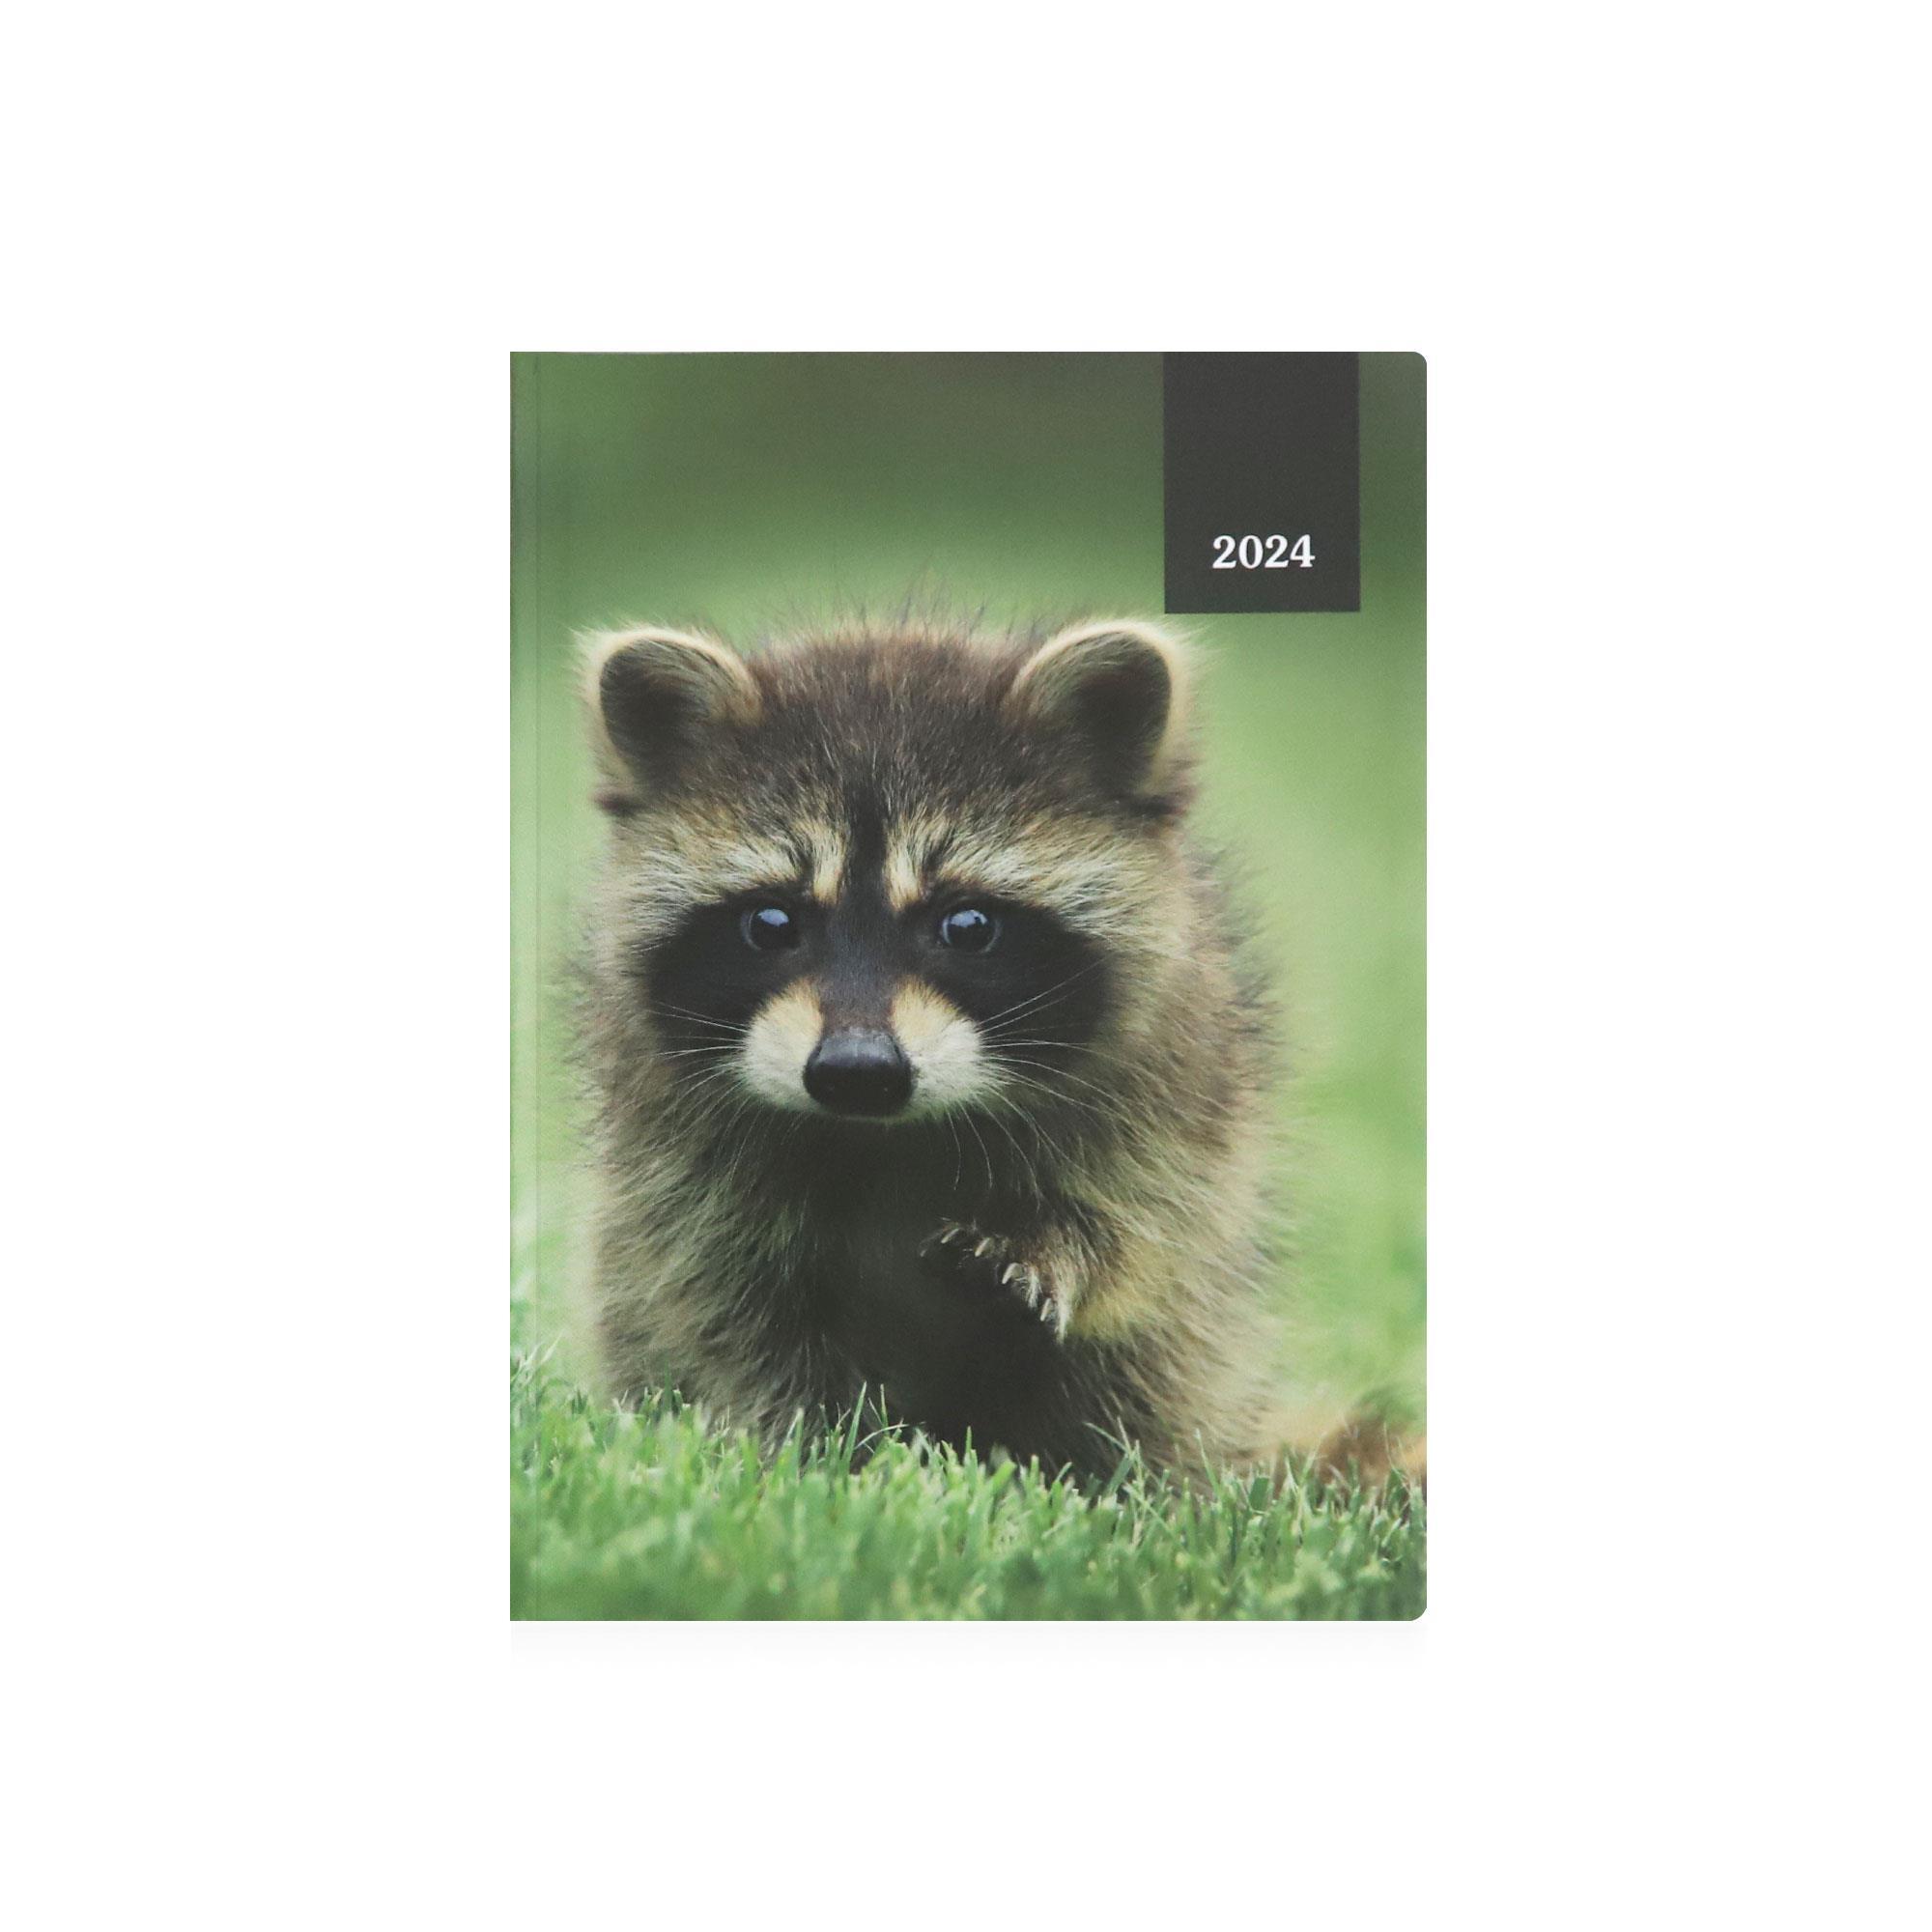 Ημερολόγιο 2022 14x21 Ekdosis Flax μπεζ ανοιχτό